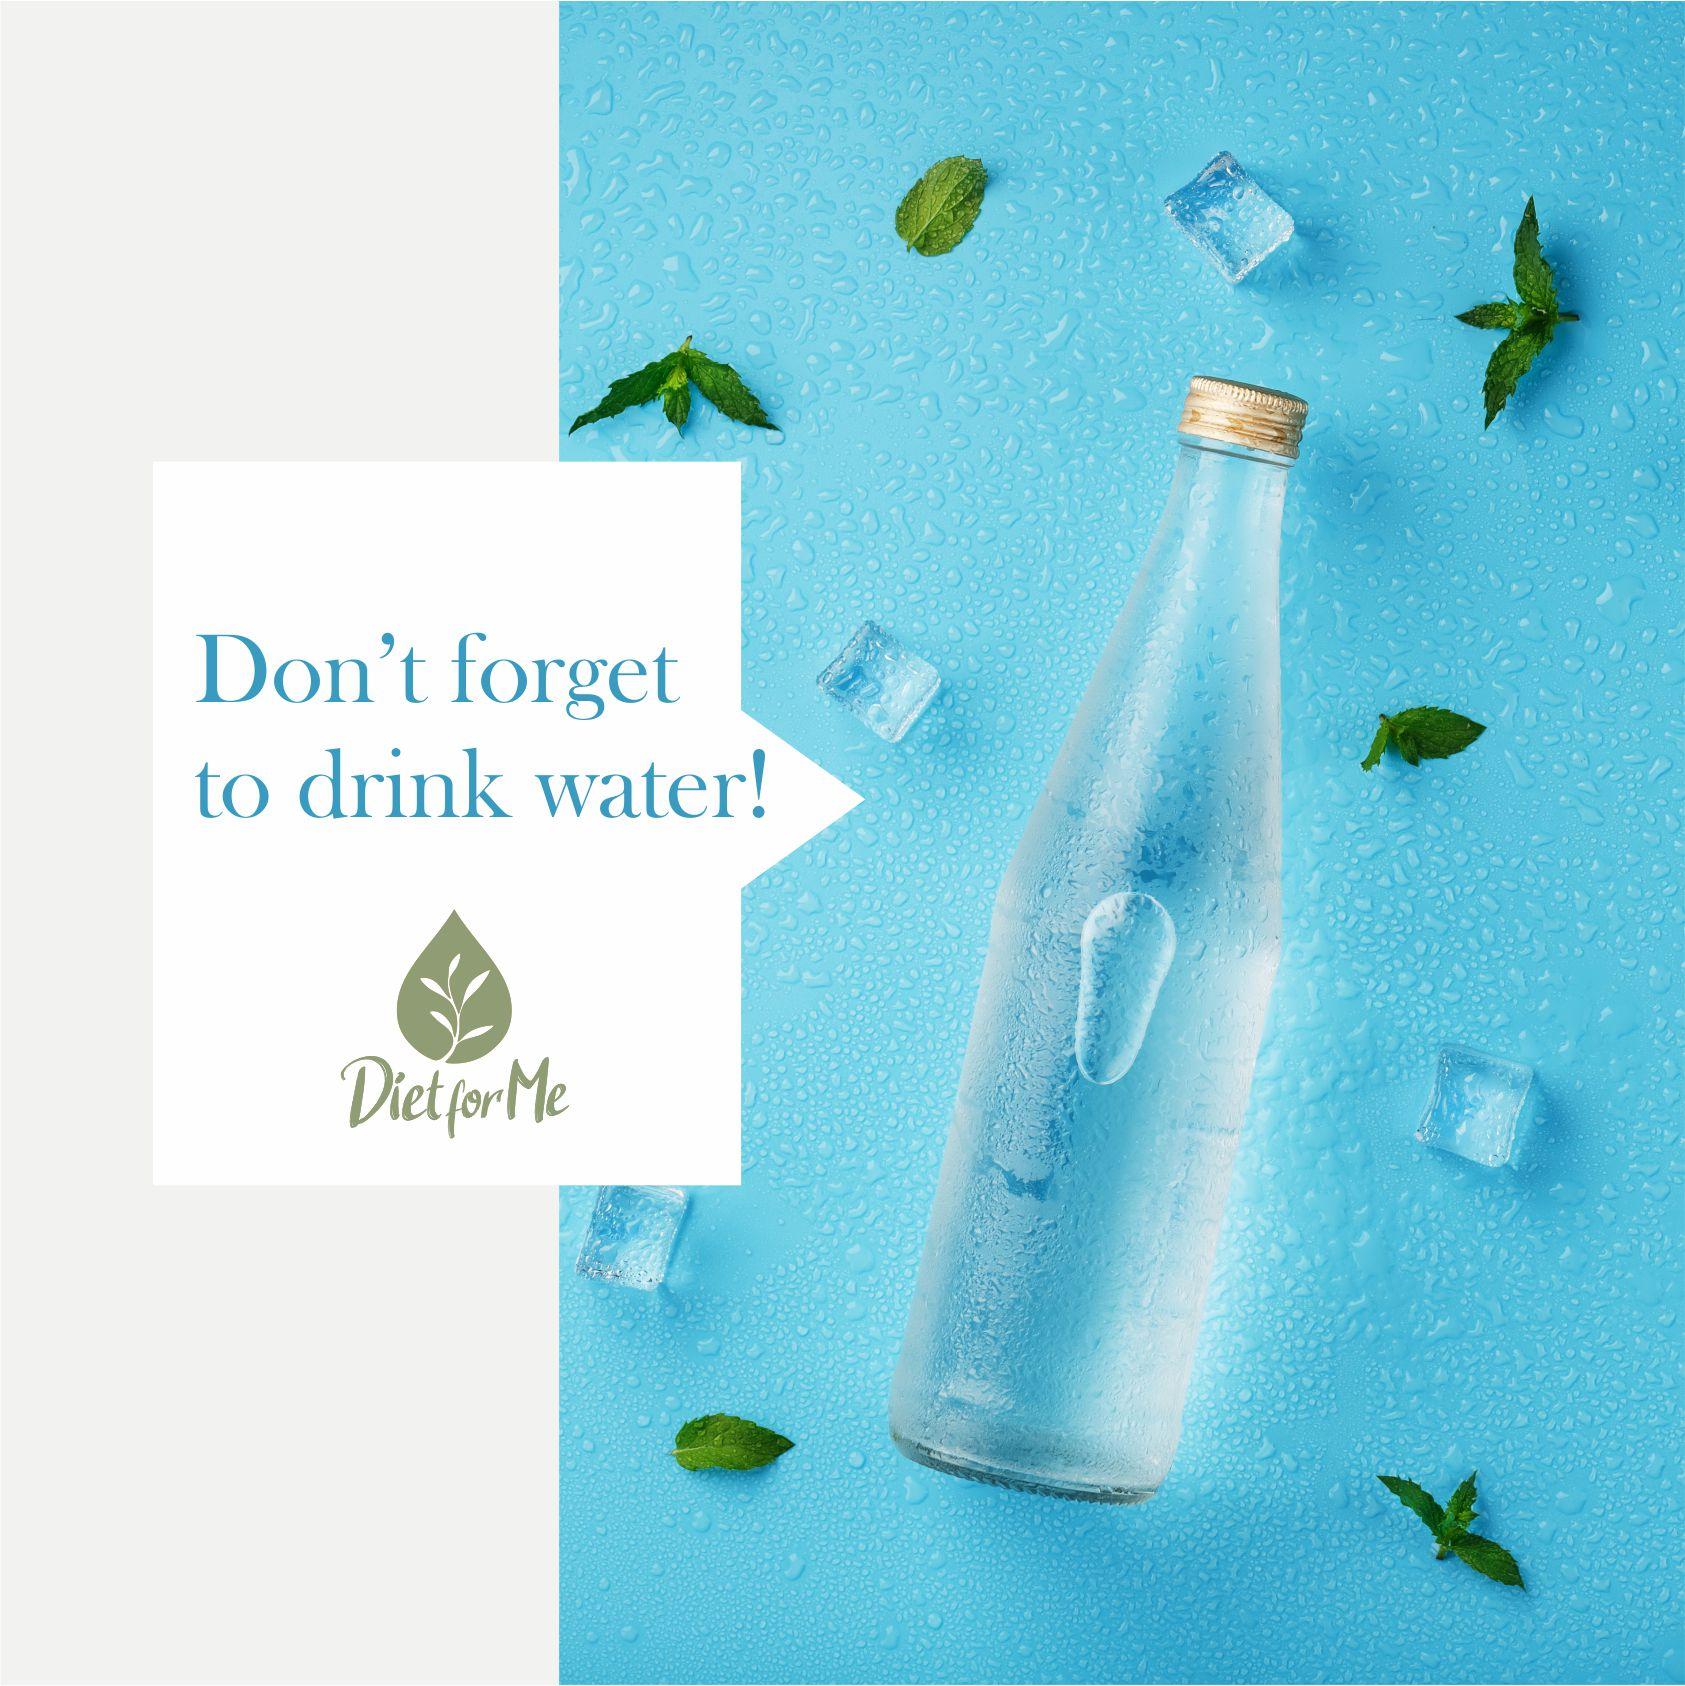 Δεν ξεχνάμε να πίνουμε νερό κατά τη διάρκεια της ημέρας